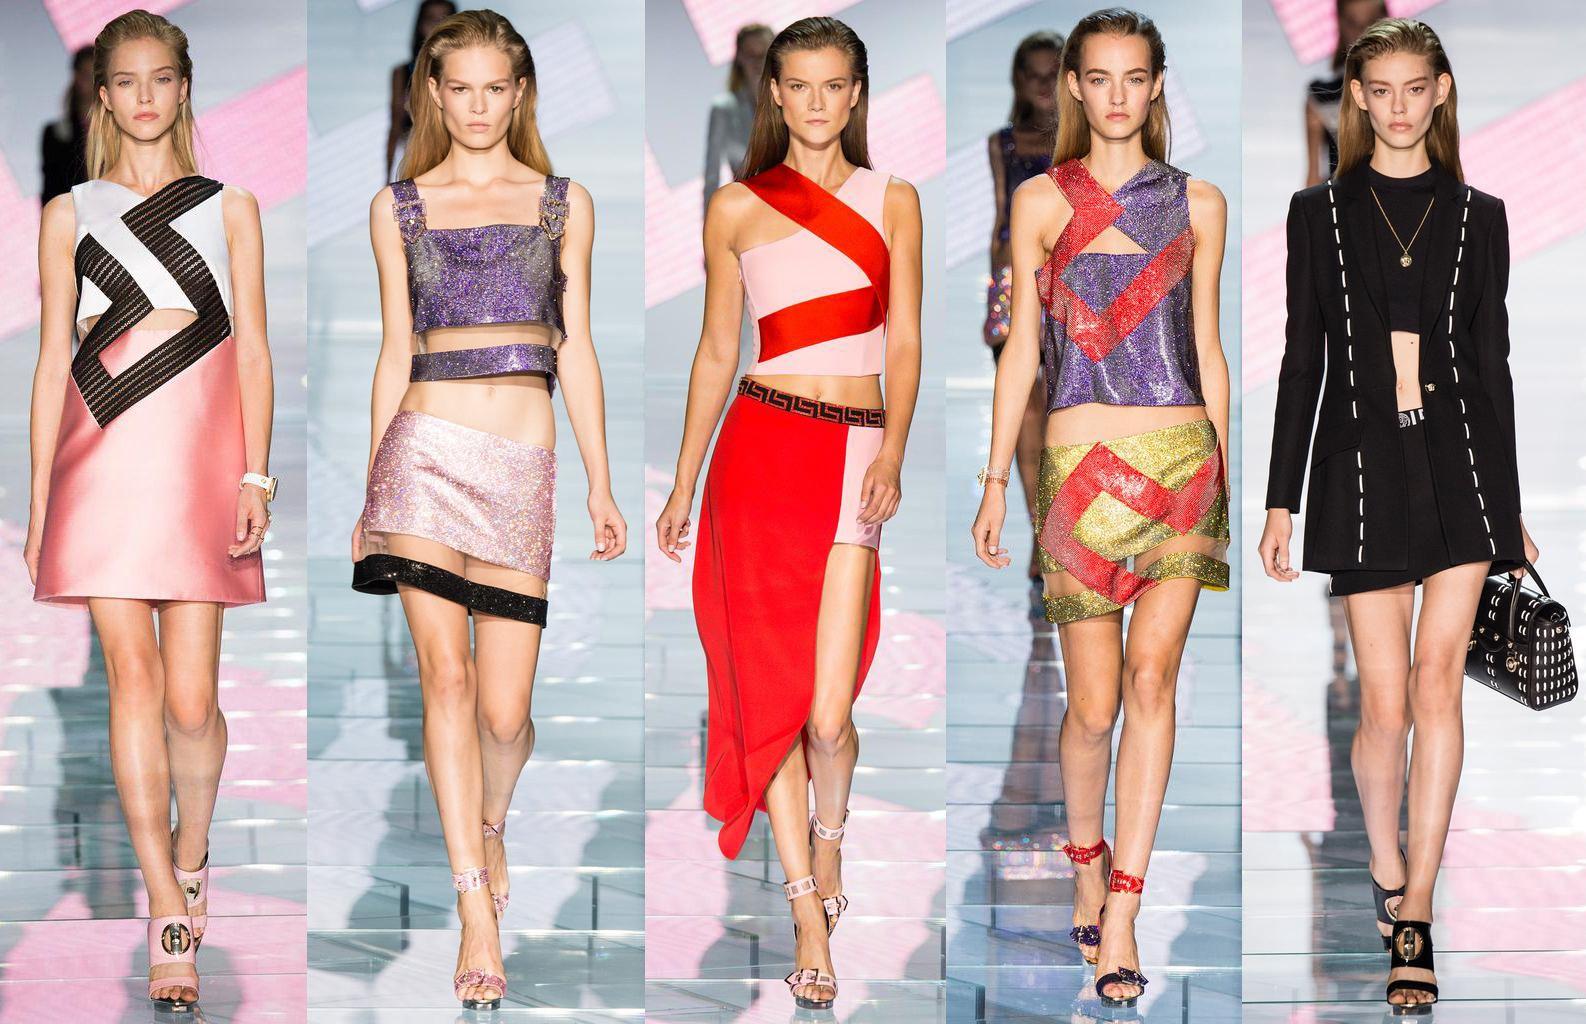 Смотри коллекцию versace во всей красе